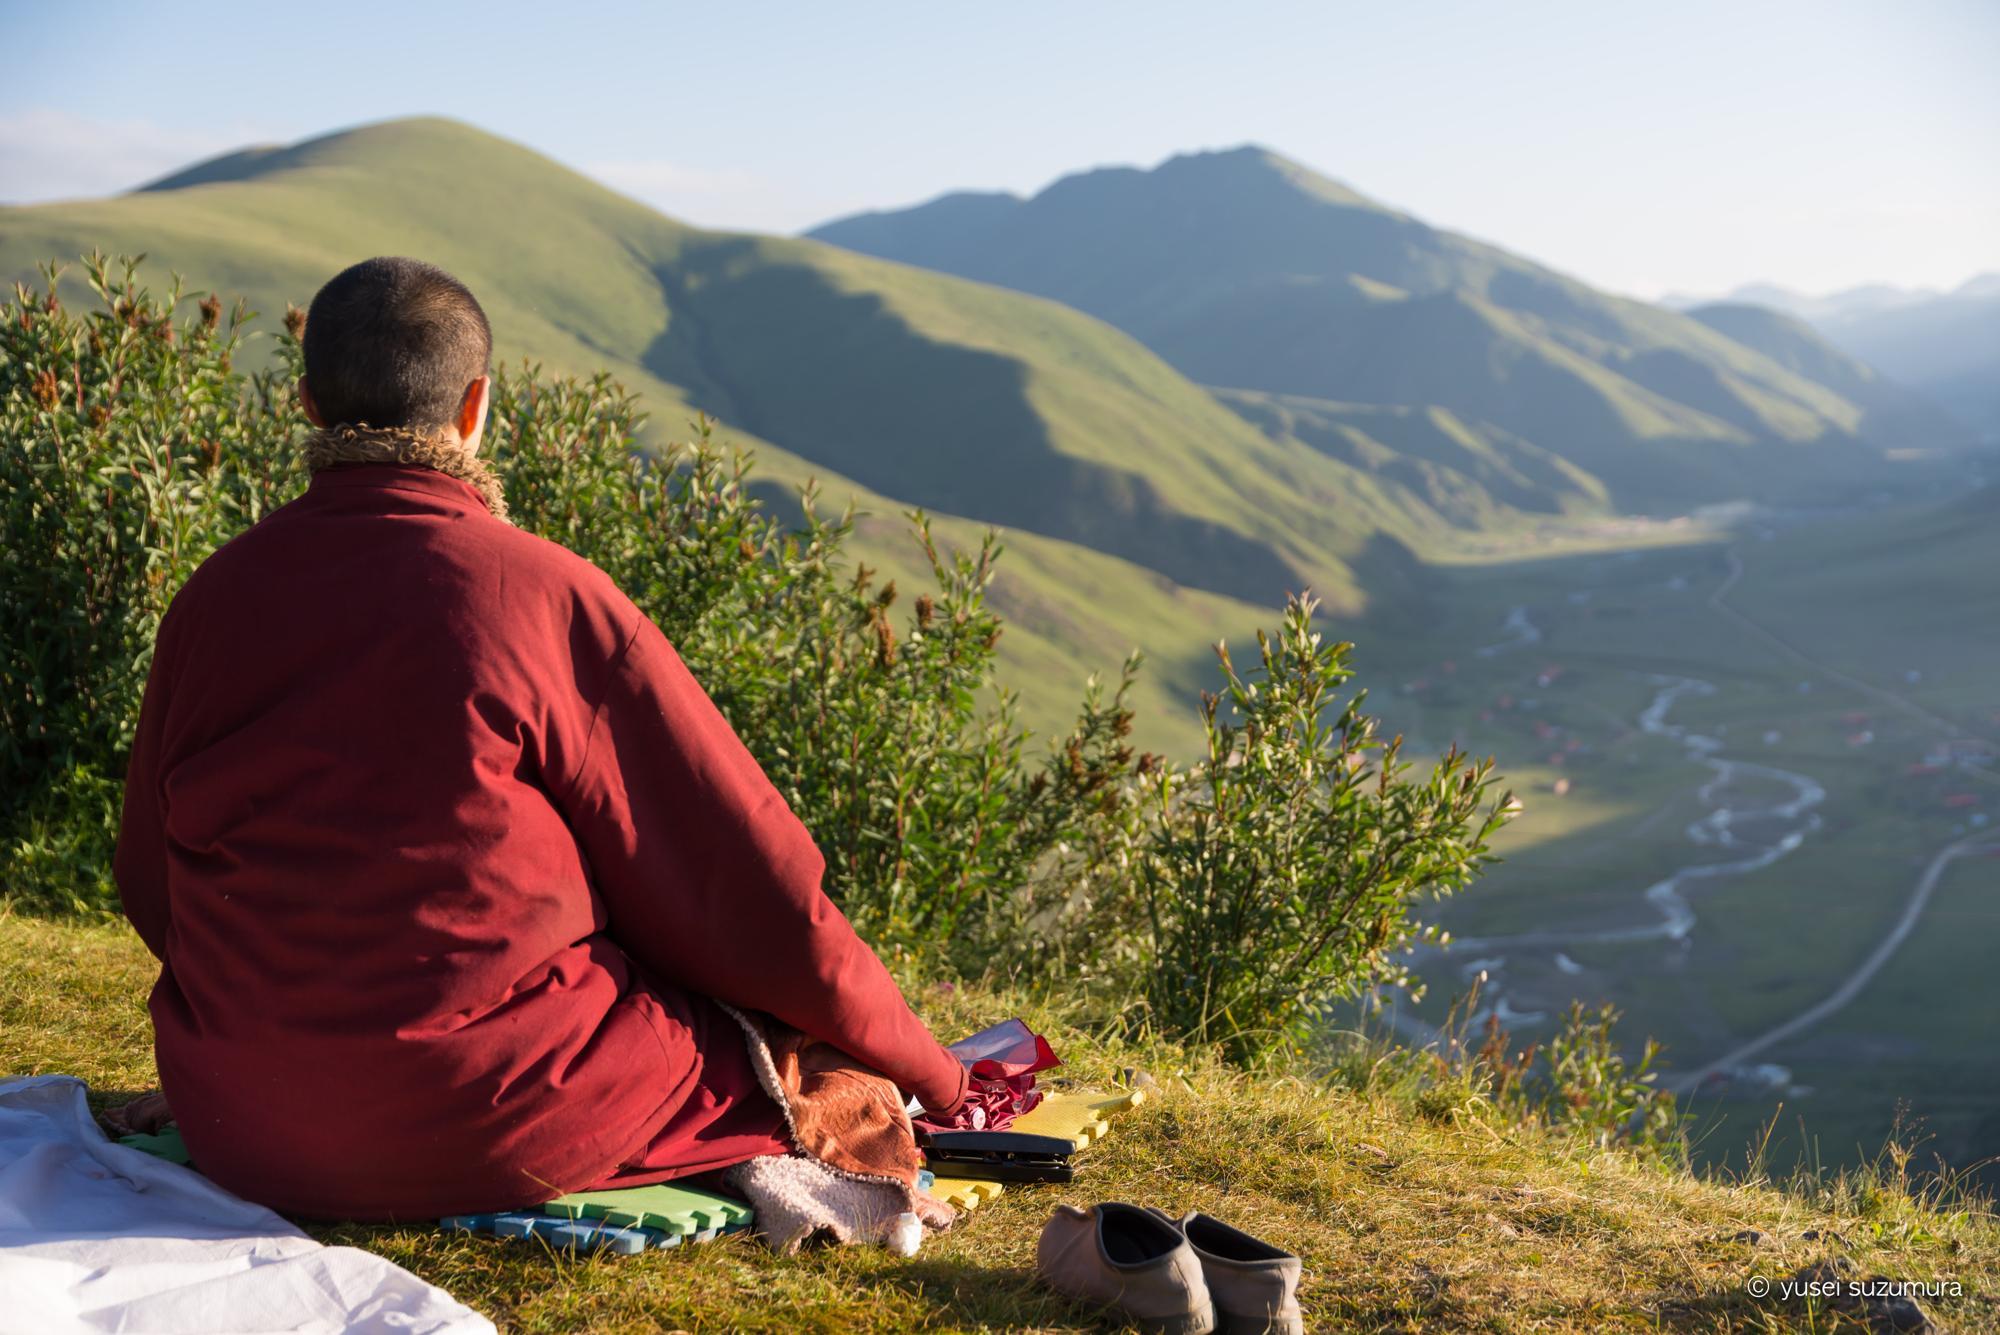 僕が東チベットに行く理由